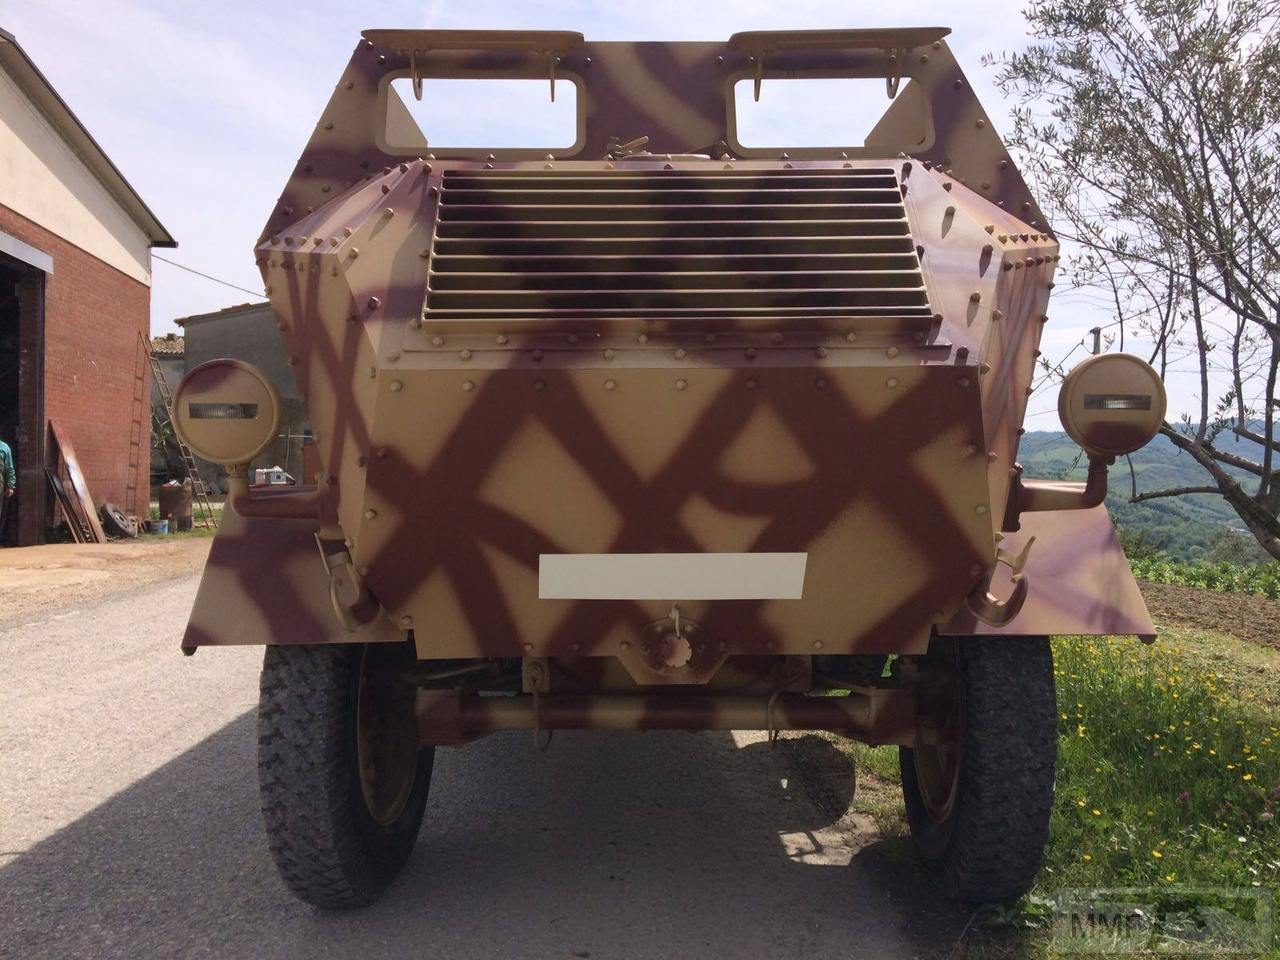 75144 - Военный транспорт союзников Германии во Второй мировой